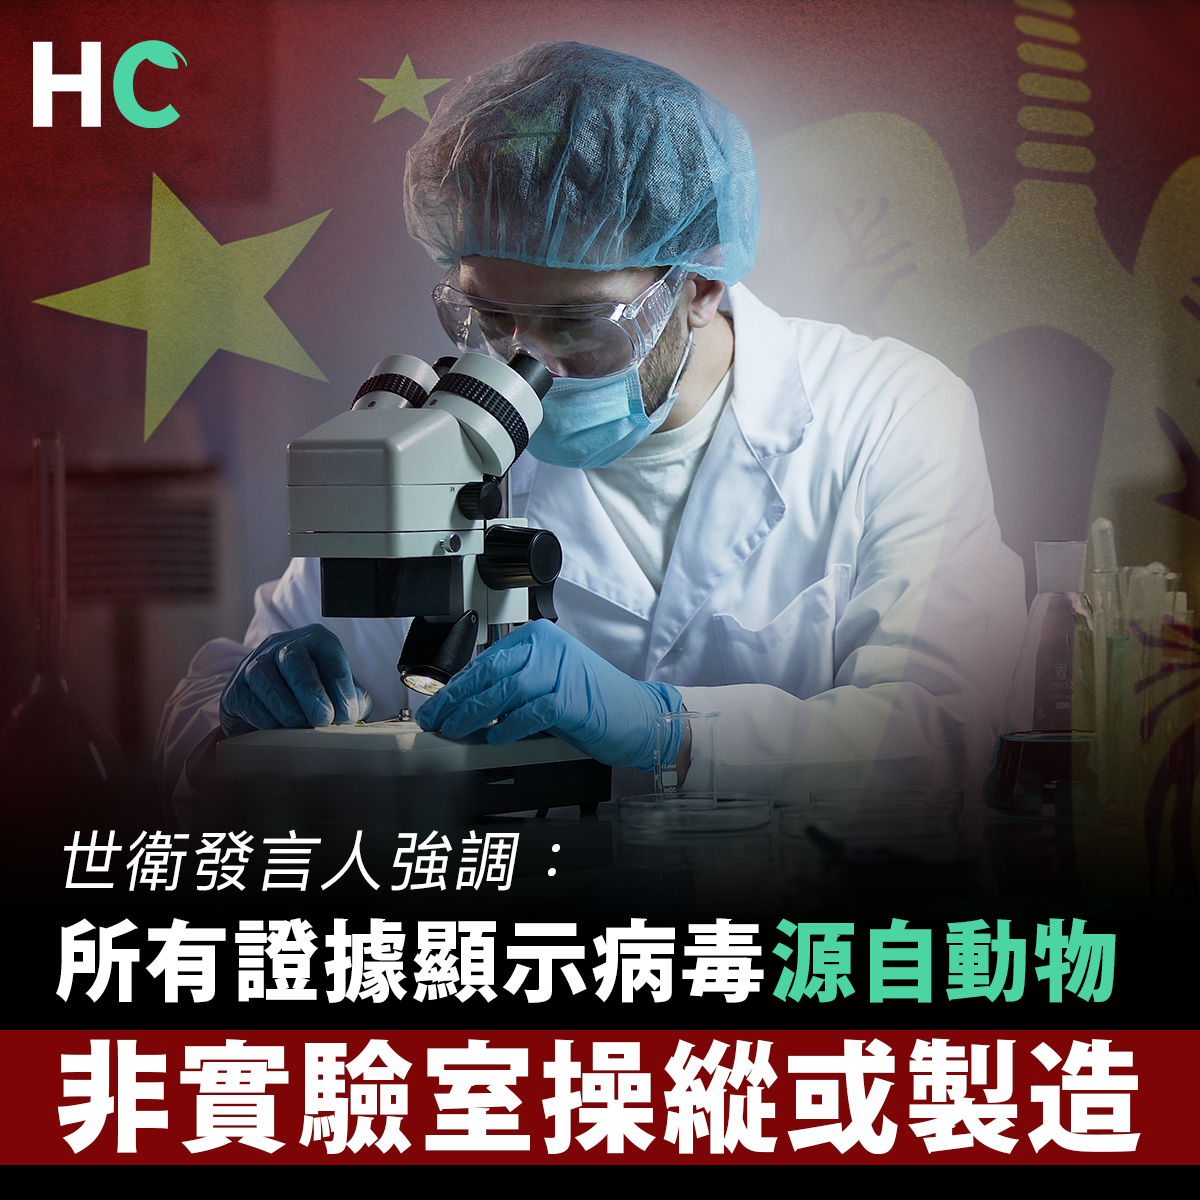 【#武漢肺炎】世衛發言人強調:所有證據顯示病毒非實驗室製造